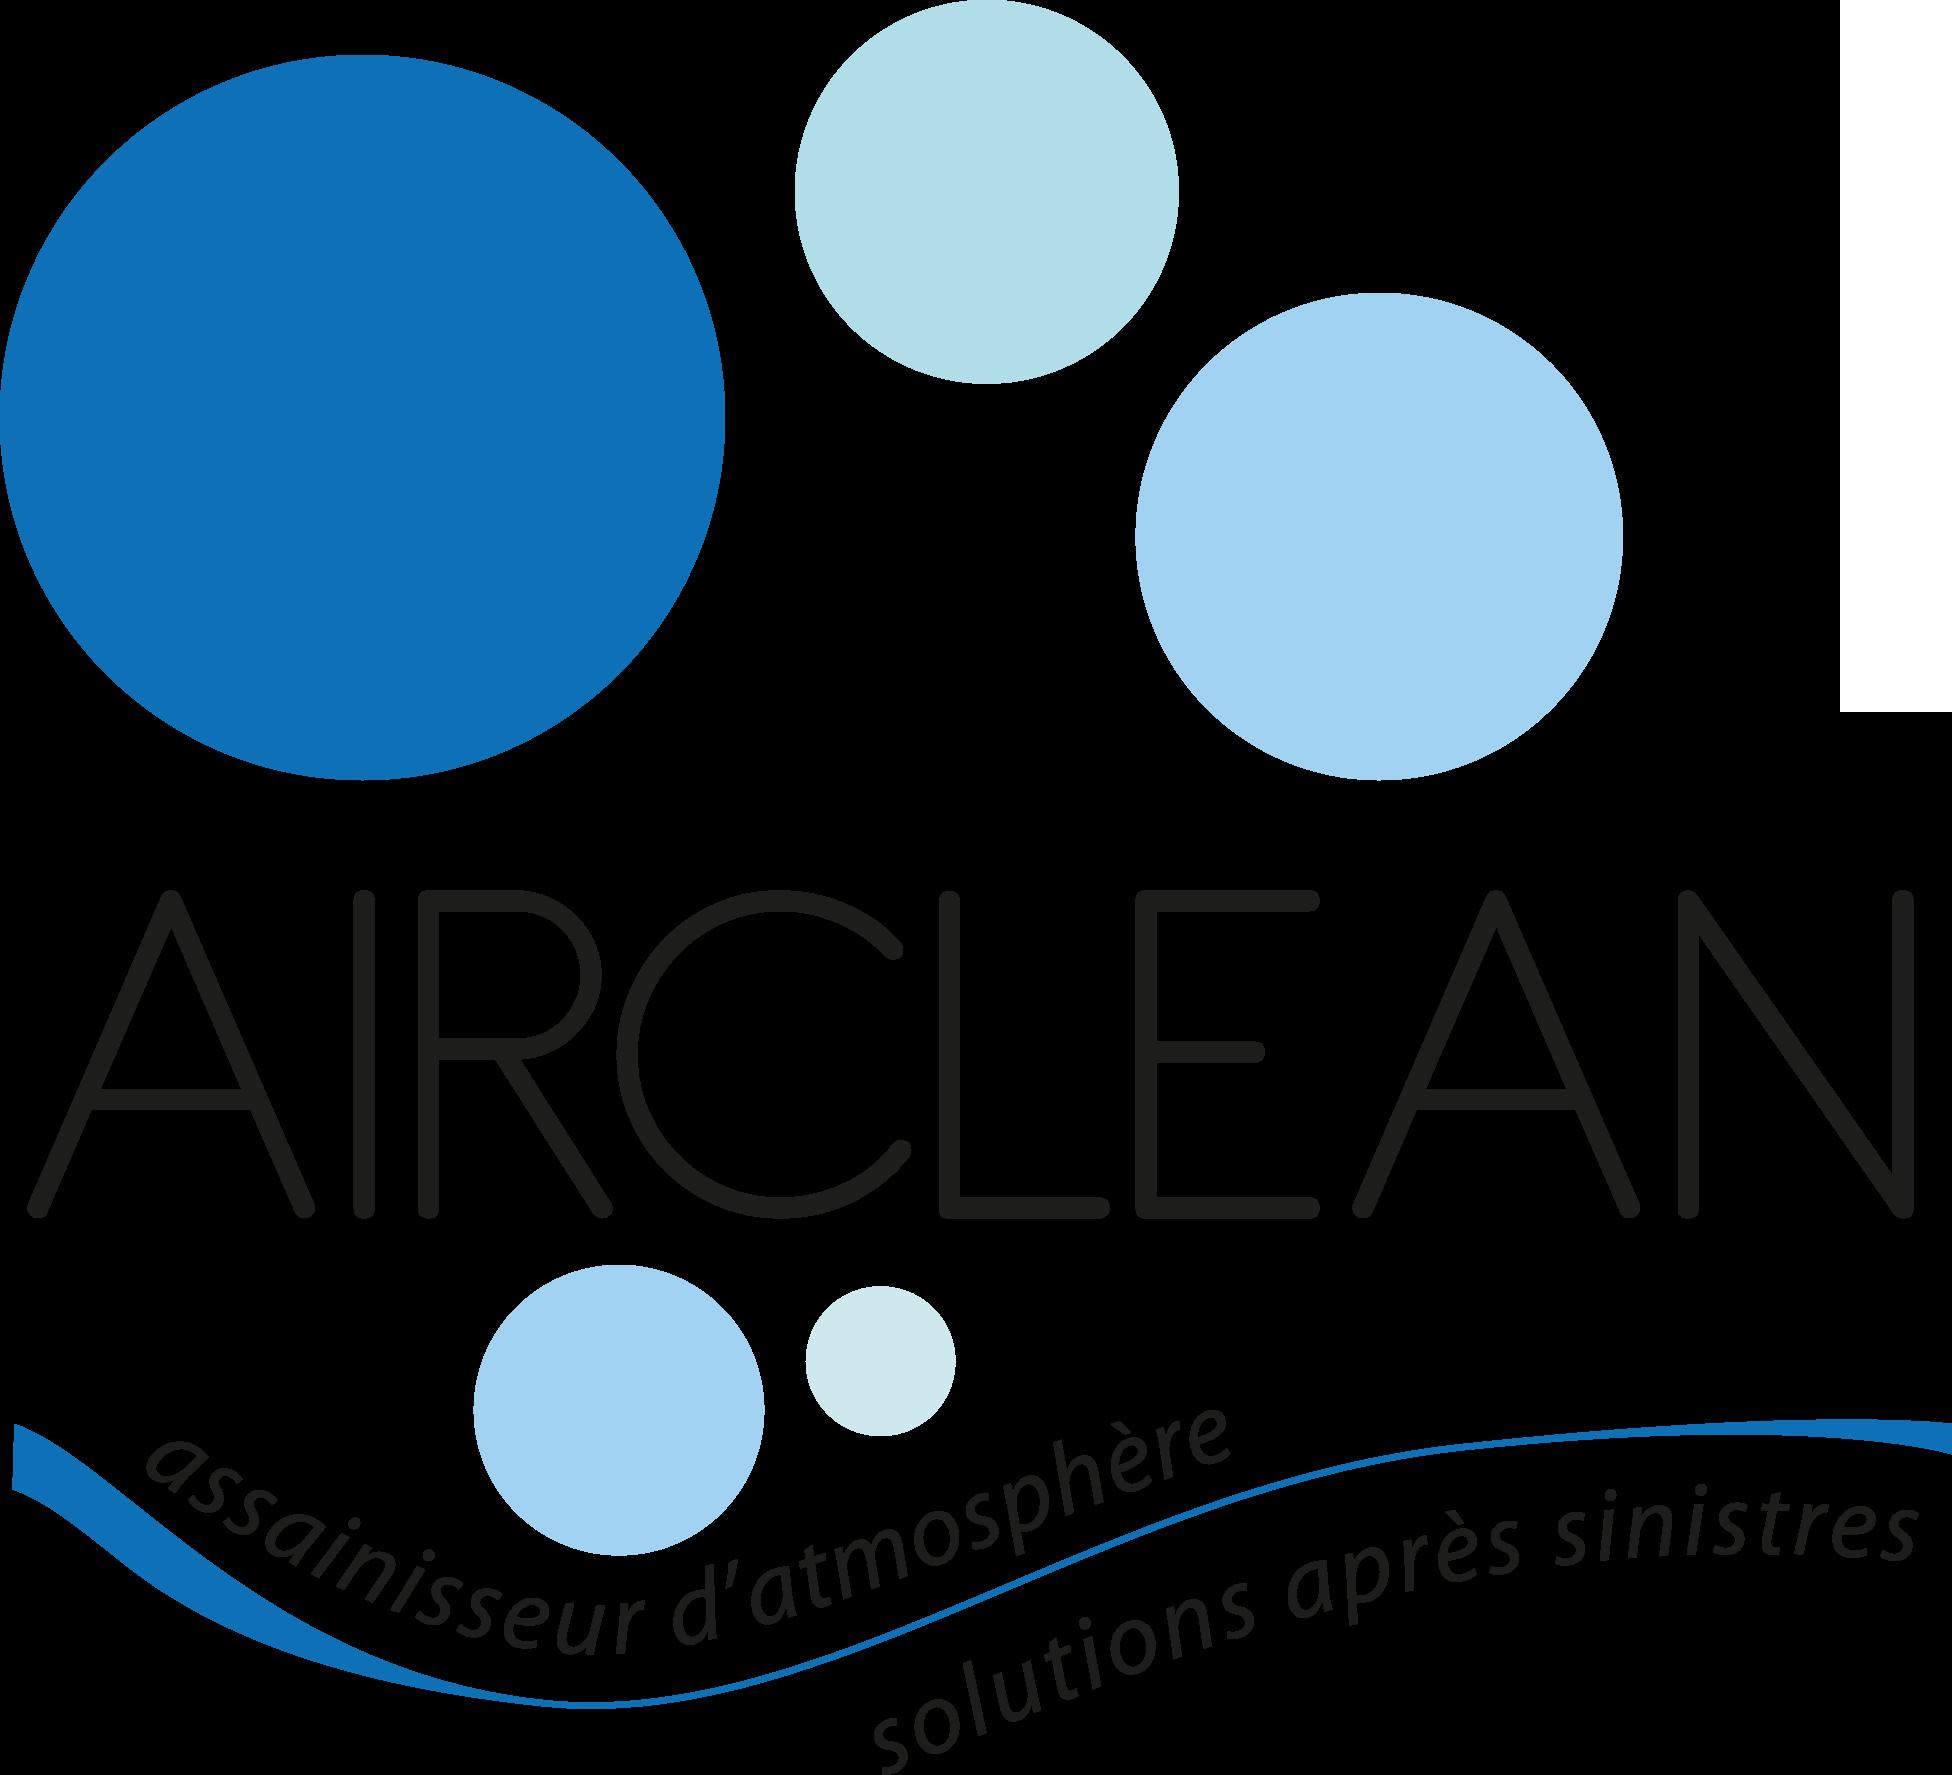 Airclean-fm